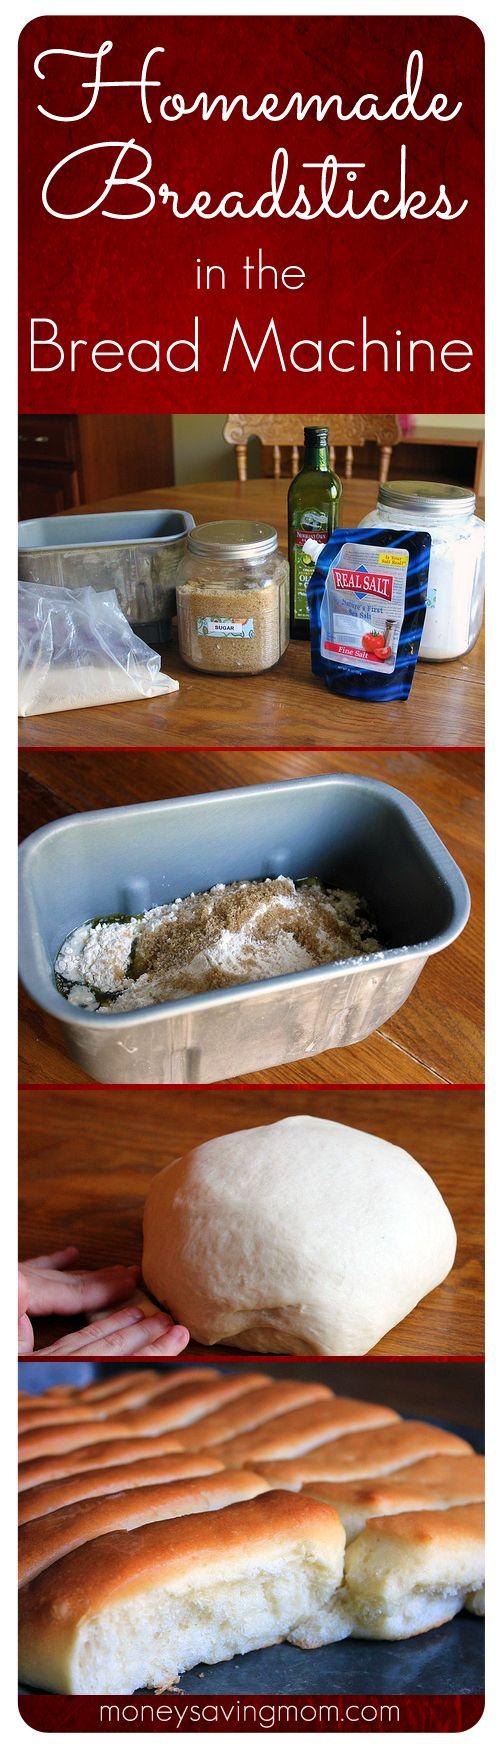 Palitos de pan hecho en casa en la máquina de pan